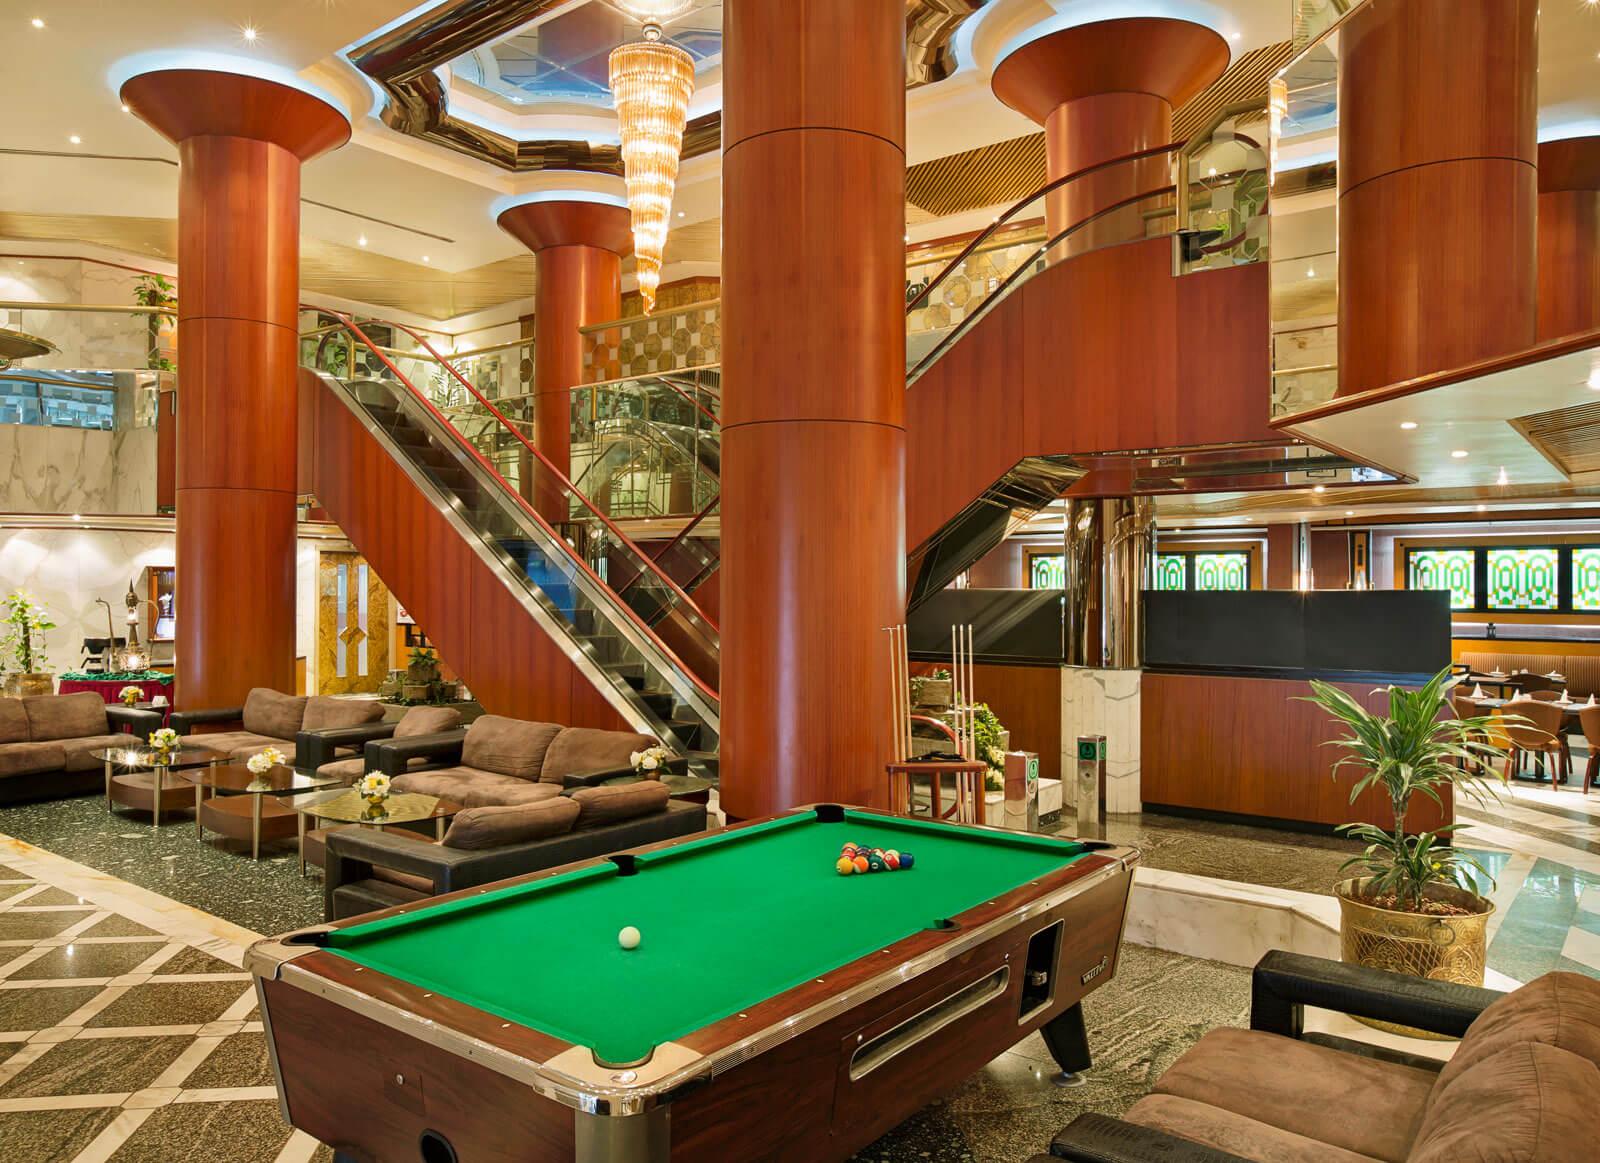 Direct Tv Internet Price >> Facilities | Admiral Plaza Hotel Dubai